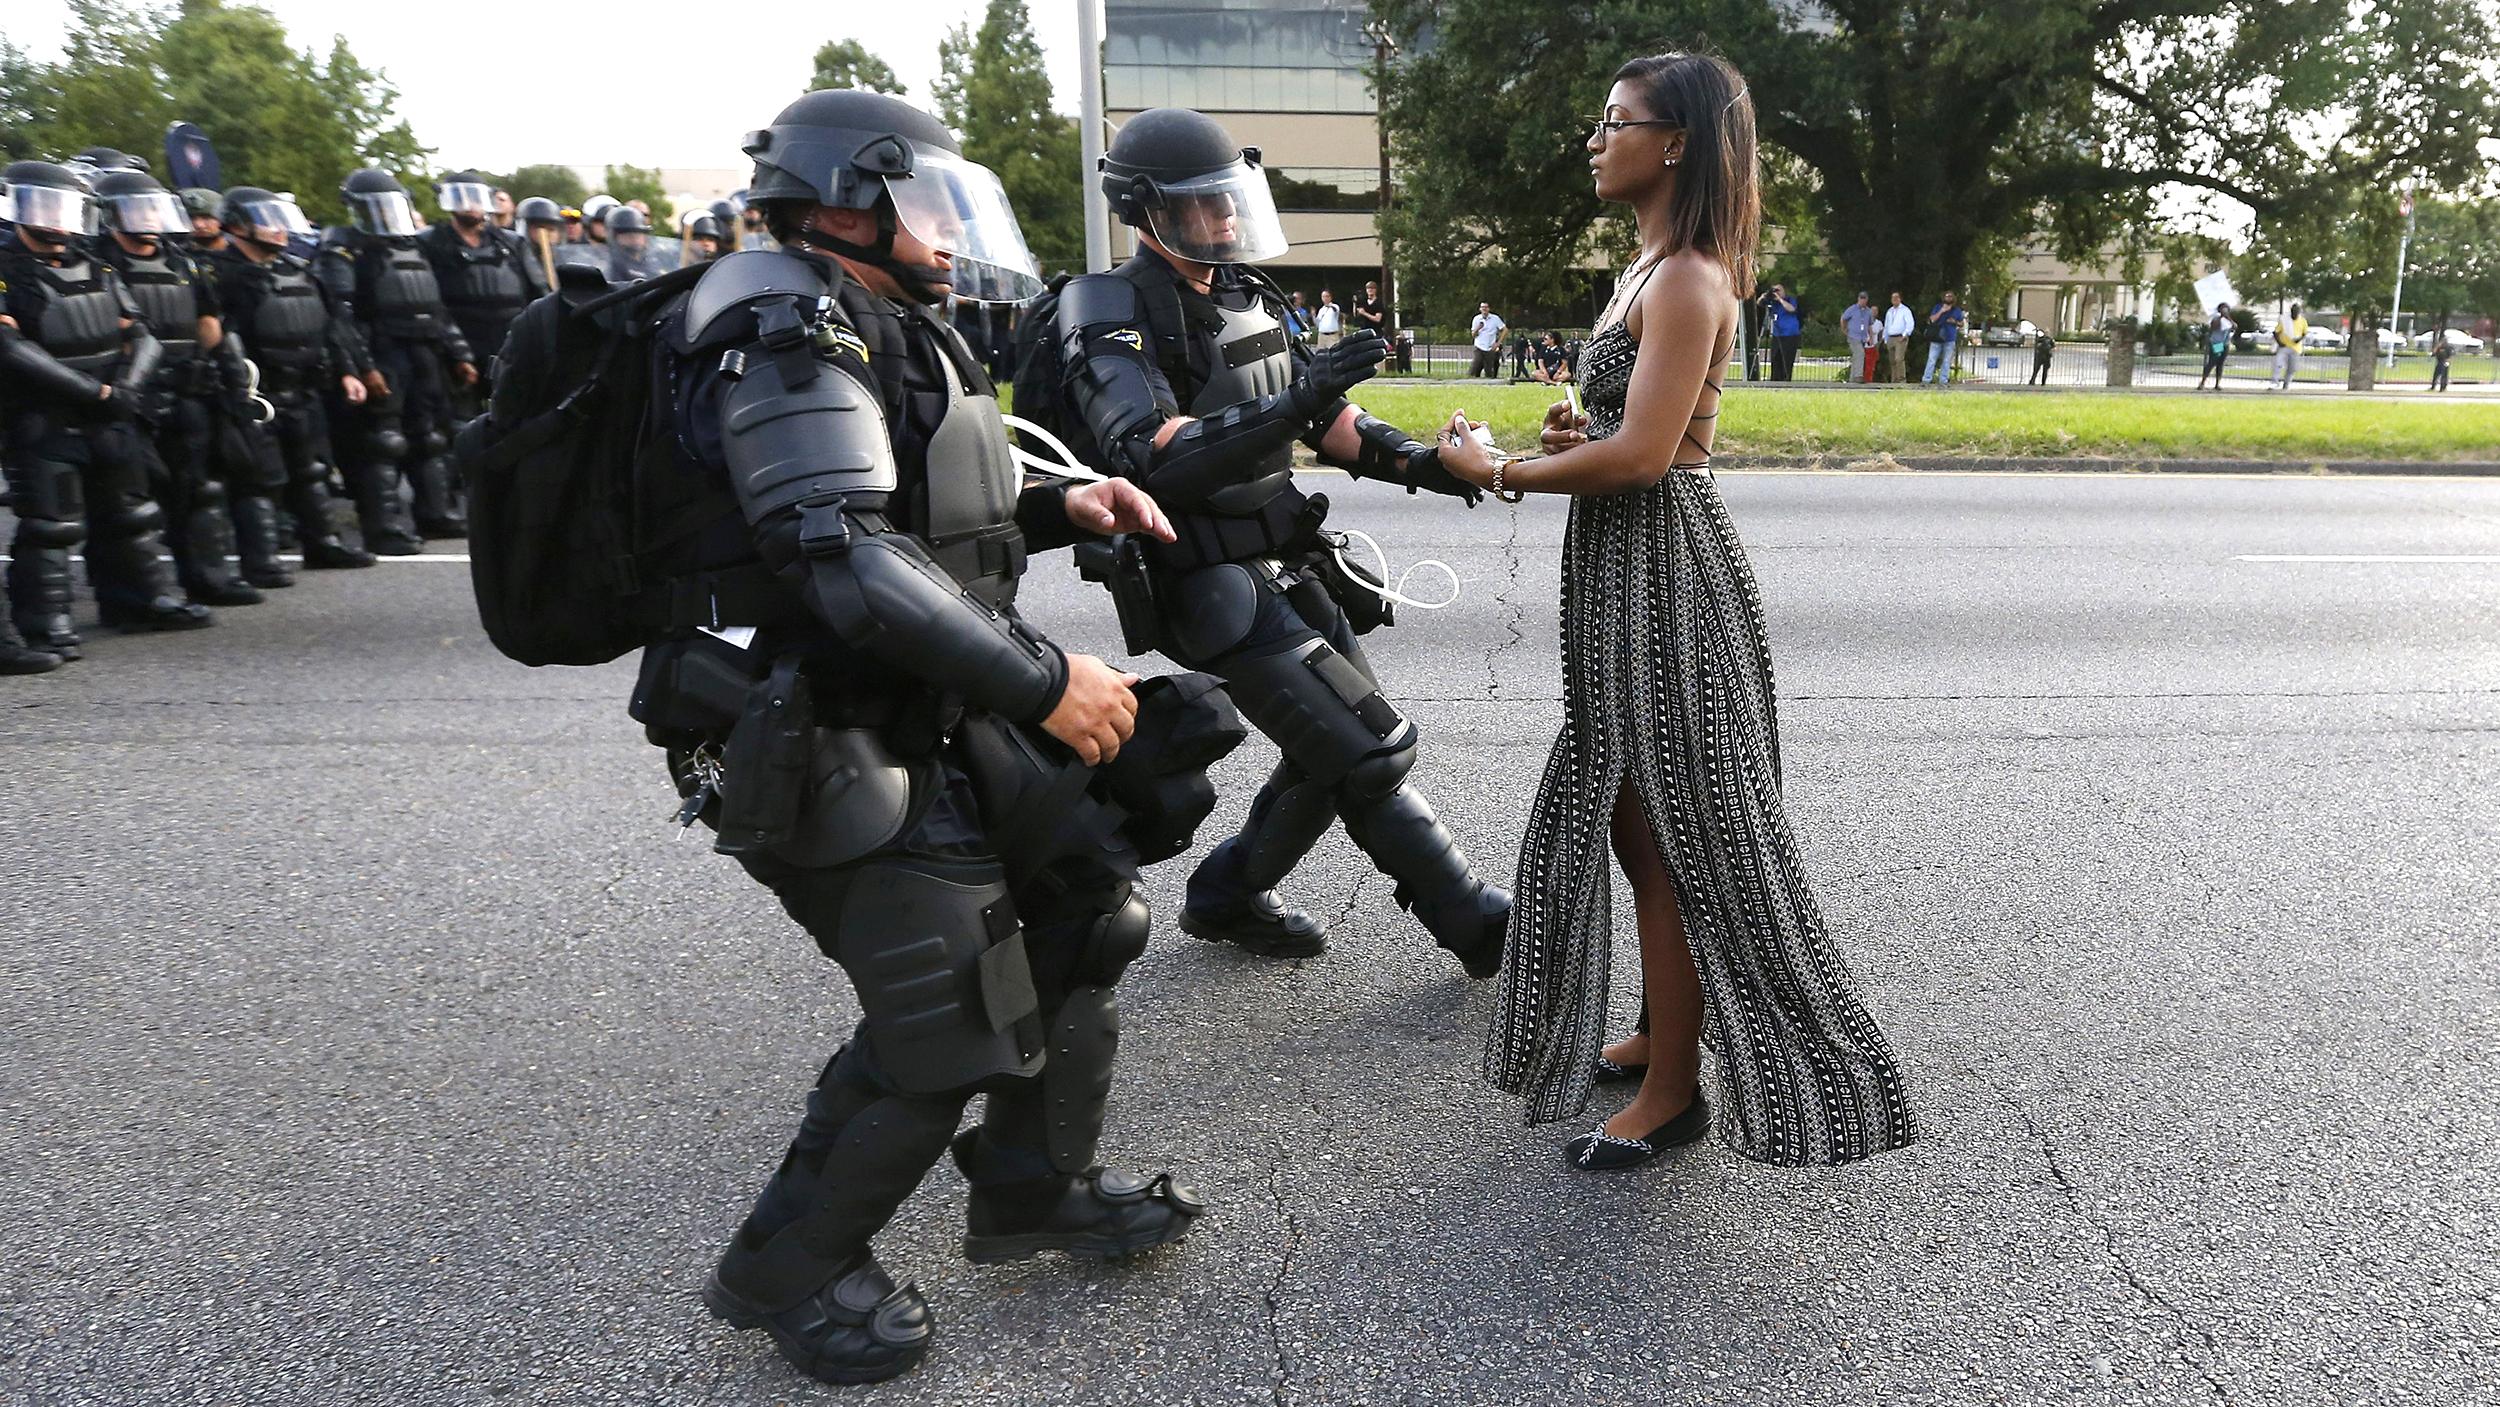 Photo: USA Today/Jonathan Bachman/Reuters